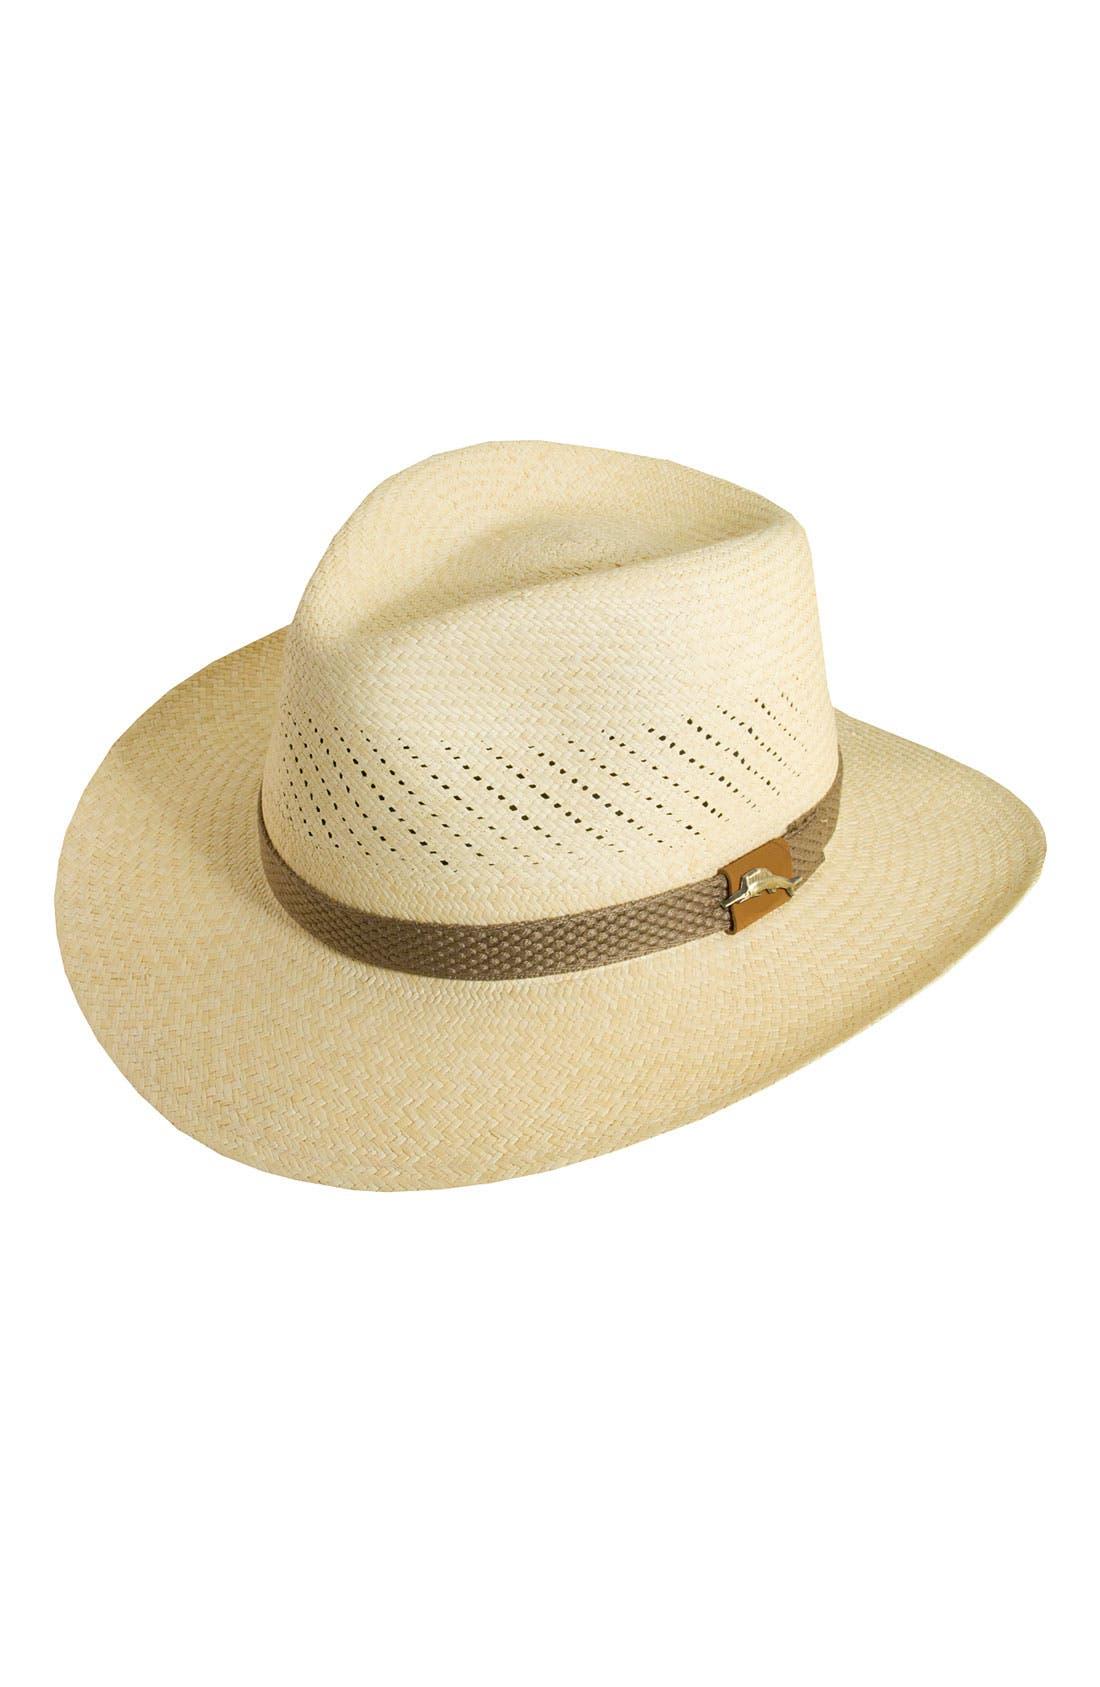 Alternate Image 1 Selected - Tommy Bahama Safari Panama Straw Fedora